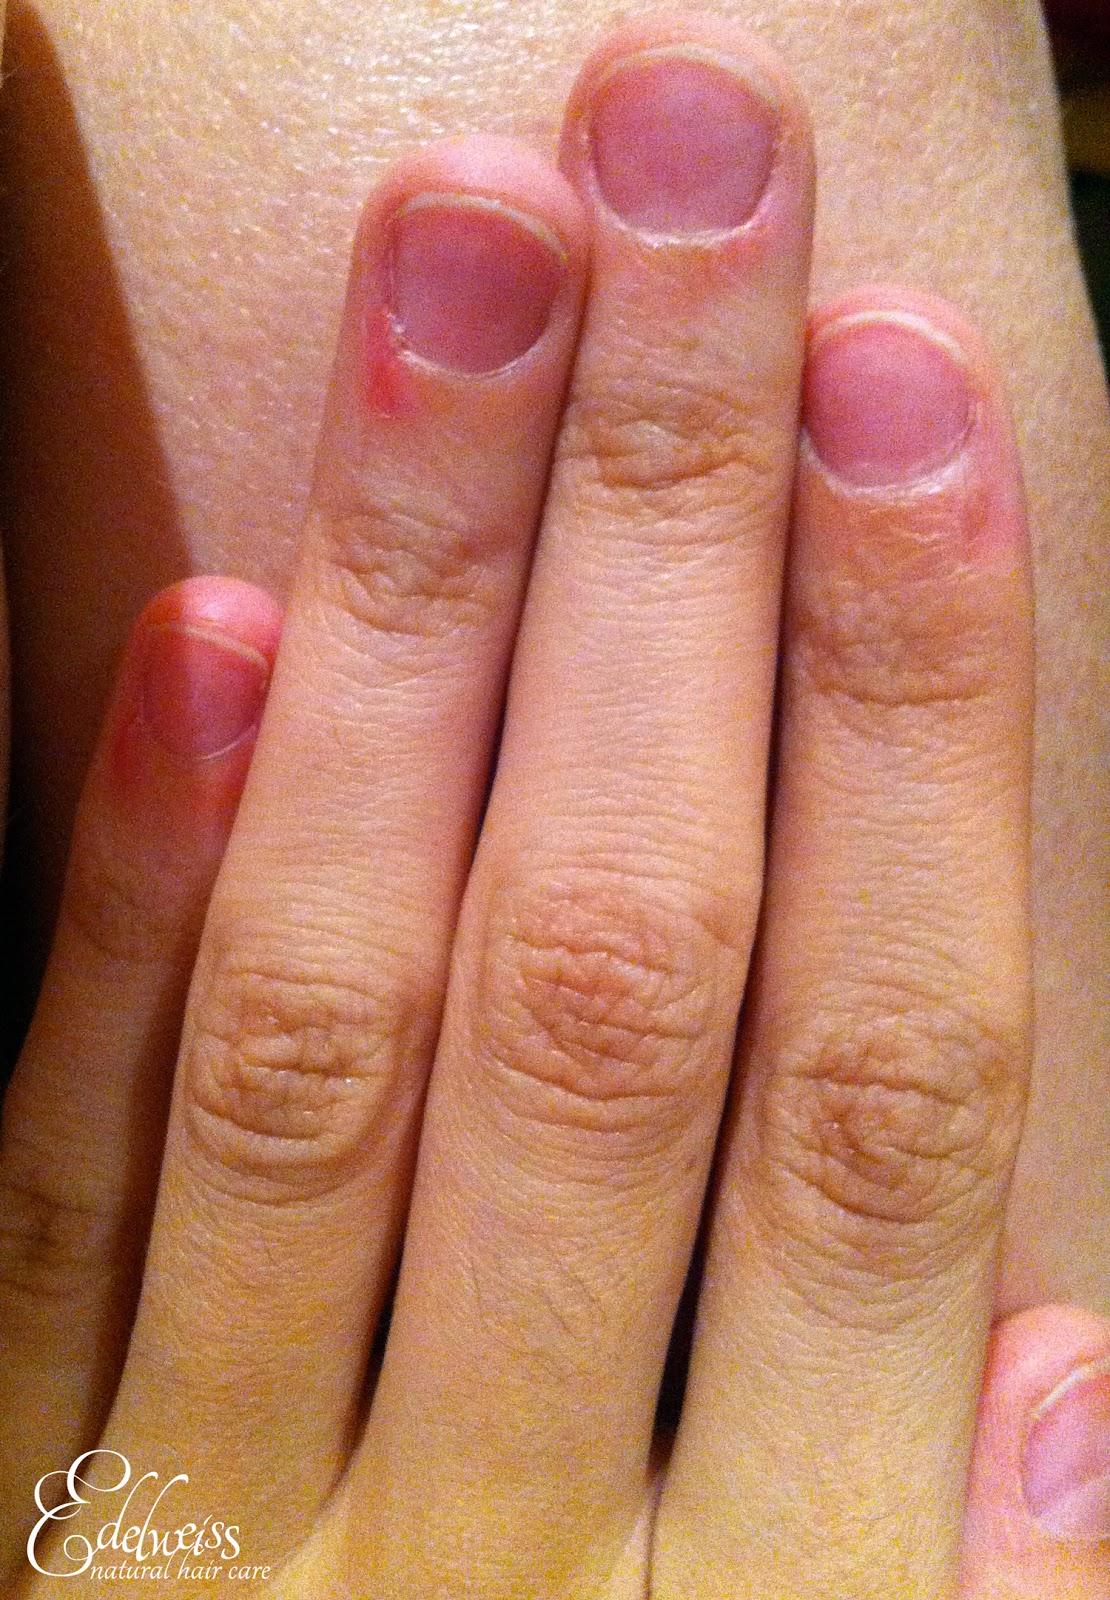 soin au ricin pour ongles rongés